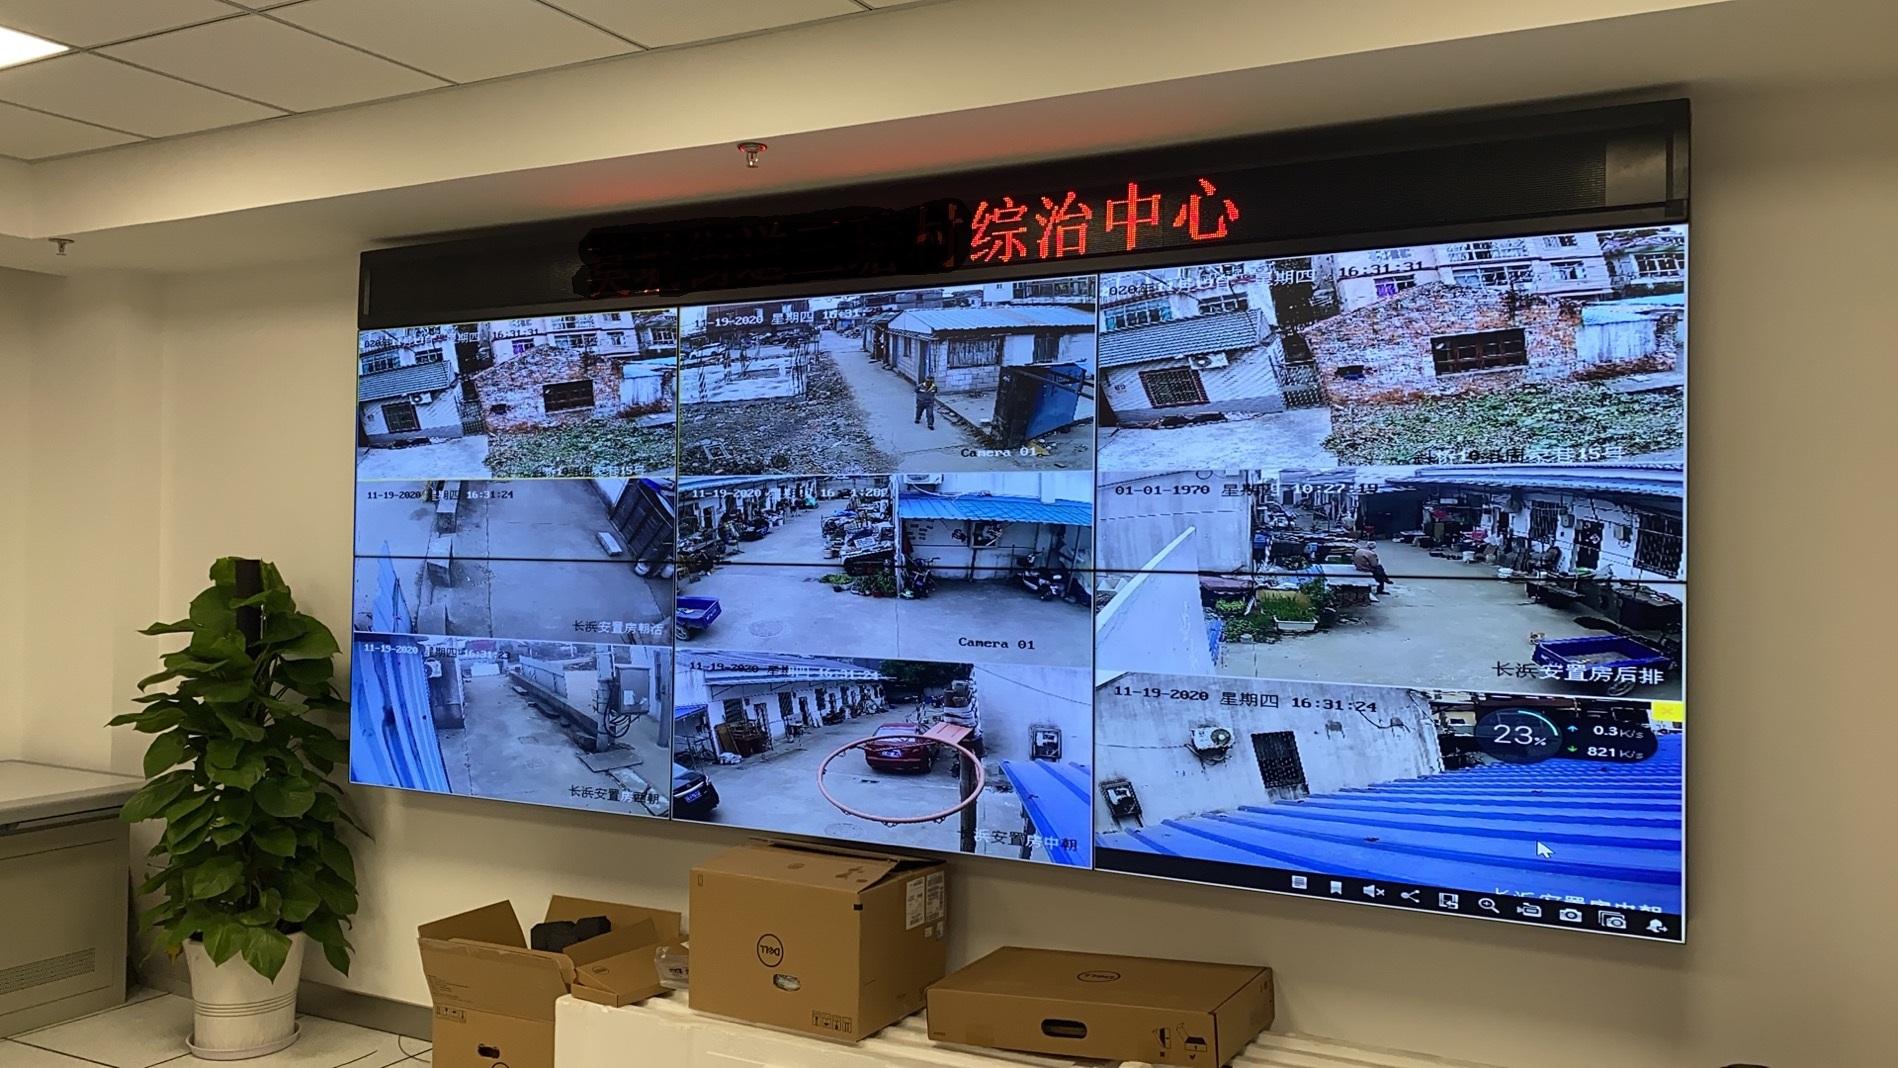 久屏显示55寸betway必威登录平台必威体育平台屏应用于江苏苏州某村综治中心